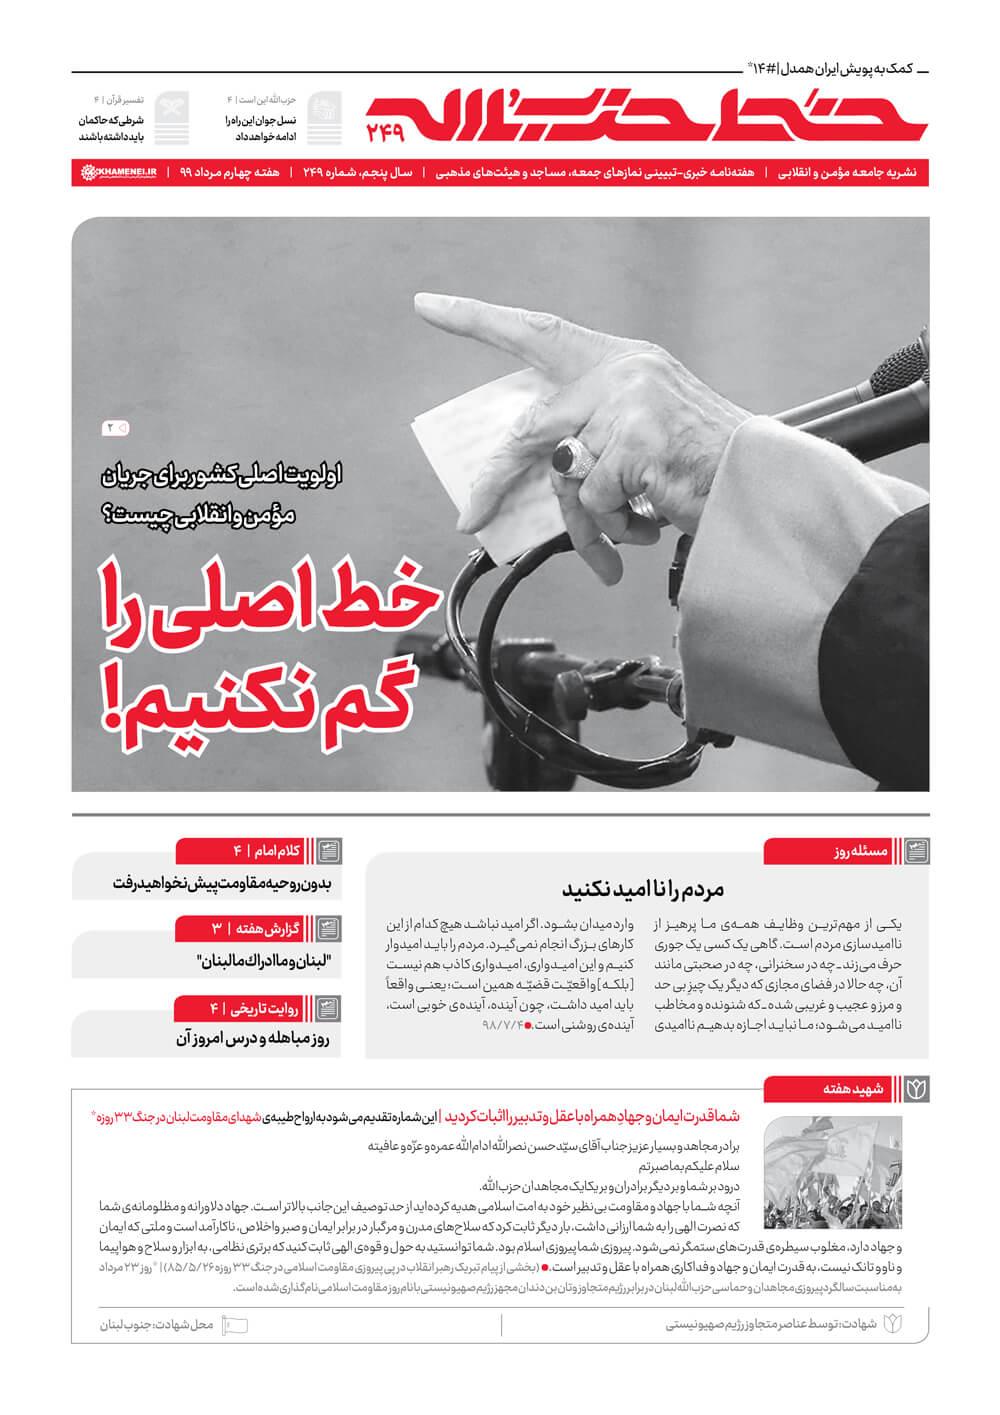 شماره 249 نشریه خط حزب الله